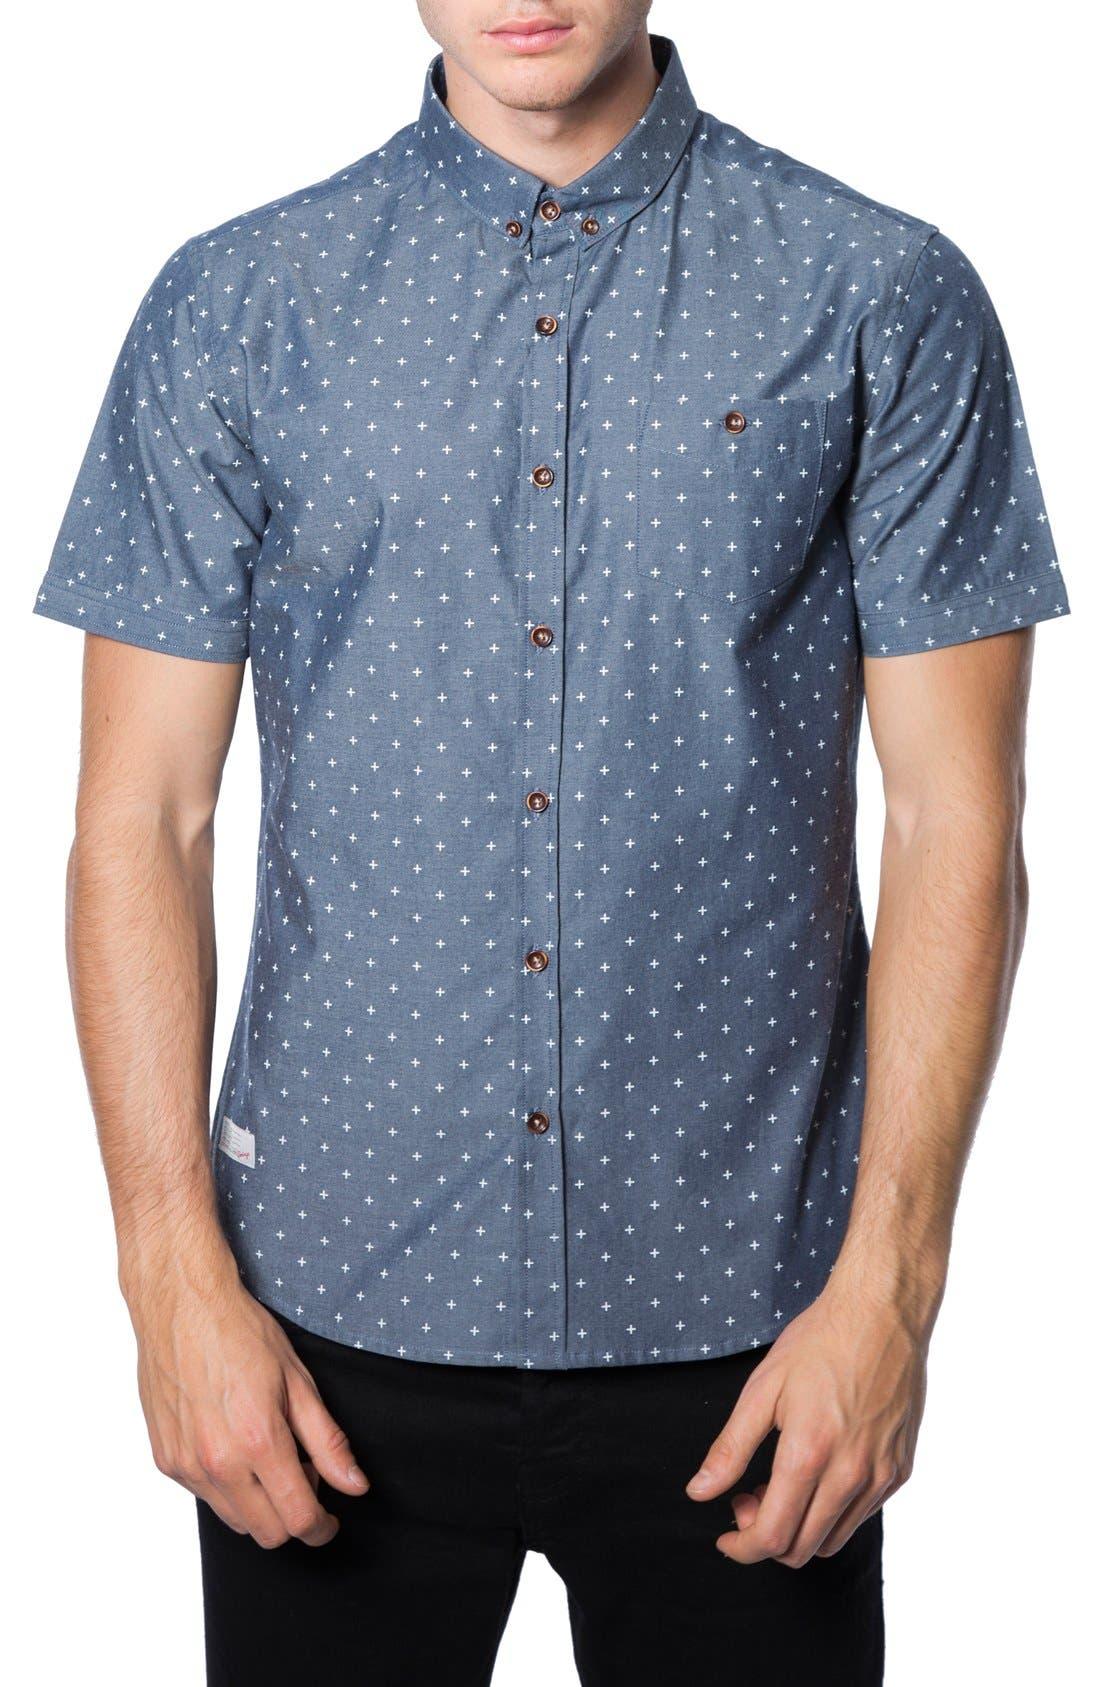 'Habits' Trim Fit Short Sleeve Chambray Shirt,                             Main thumbnail 1, color,                             410